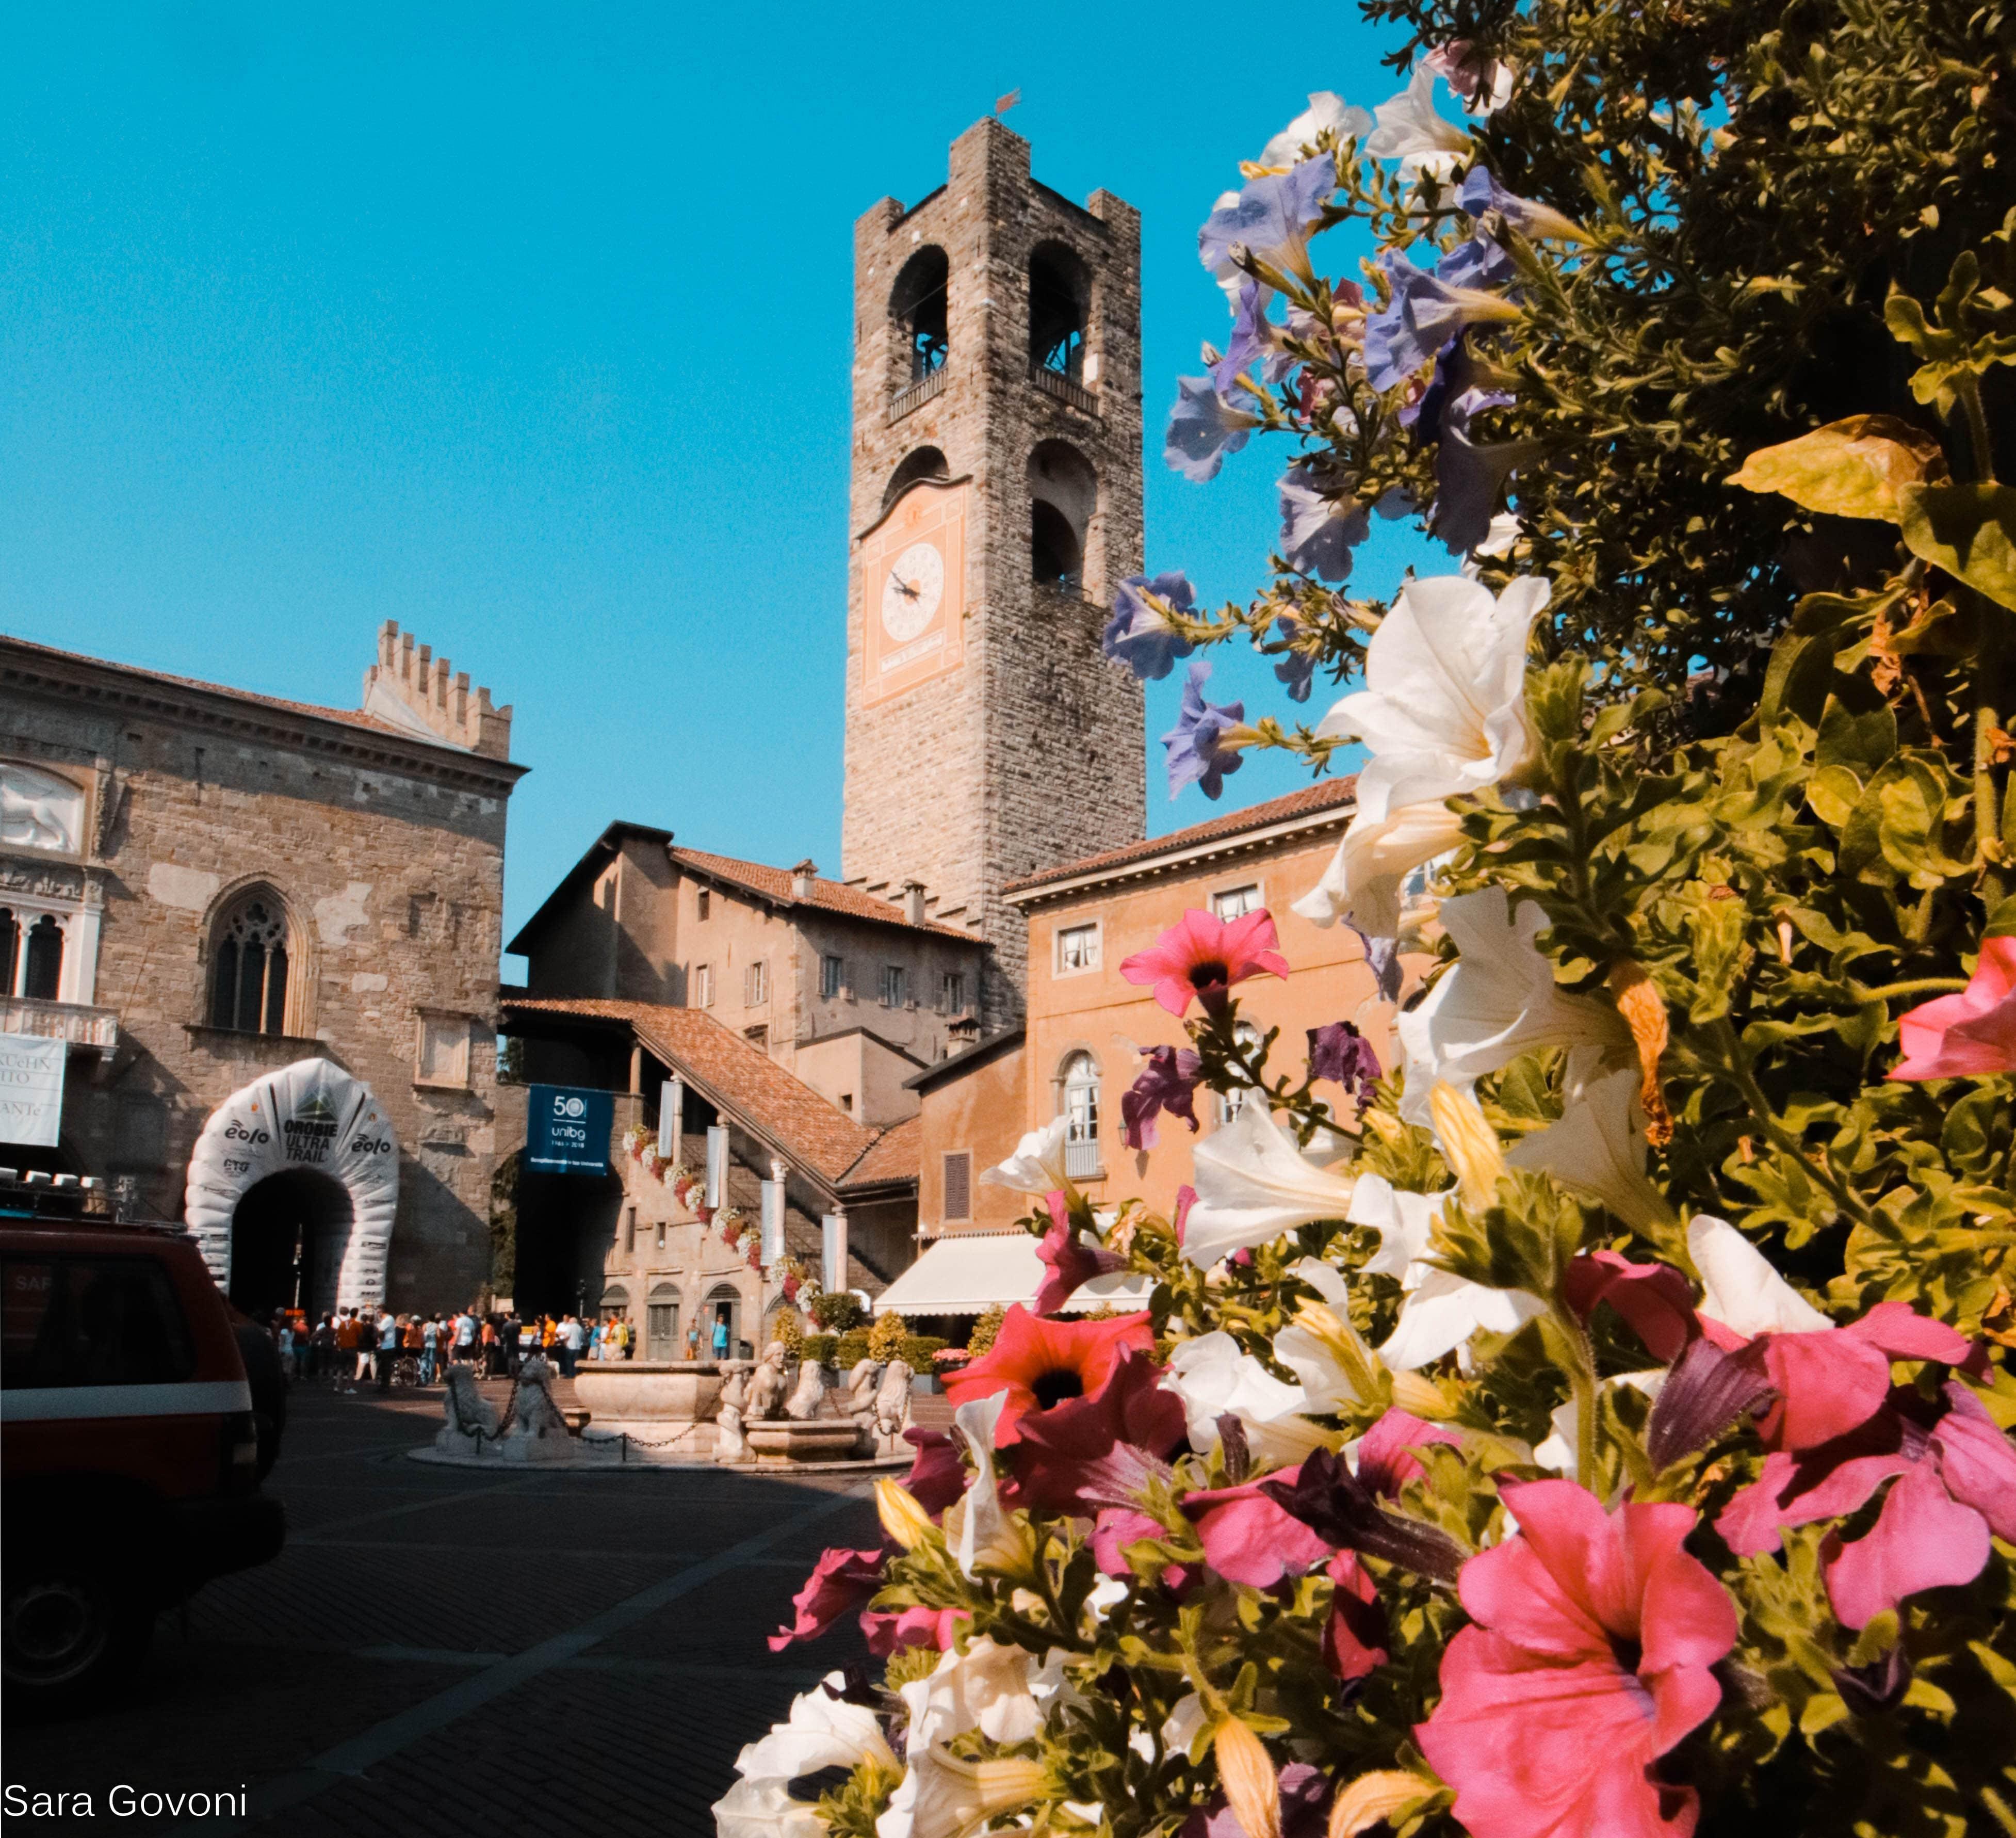 Cosa fare a Bergamo in un giorno: la piazza incorniciata dai fiori